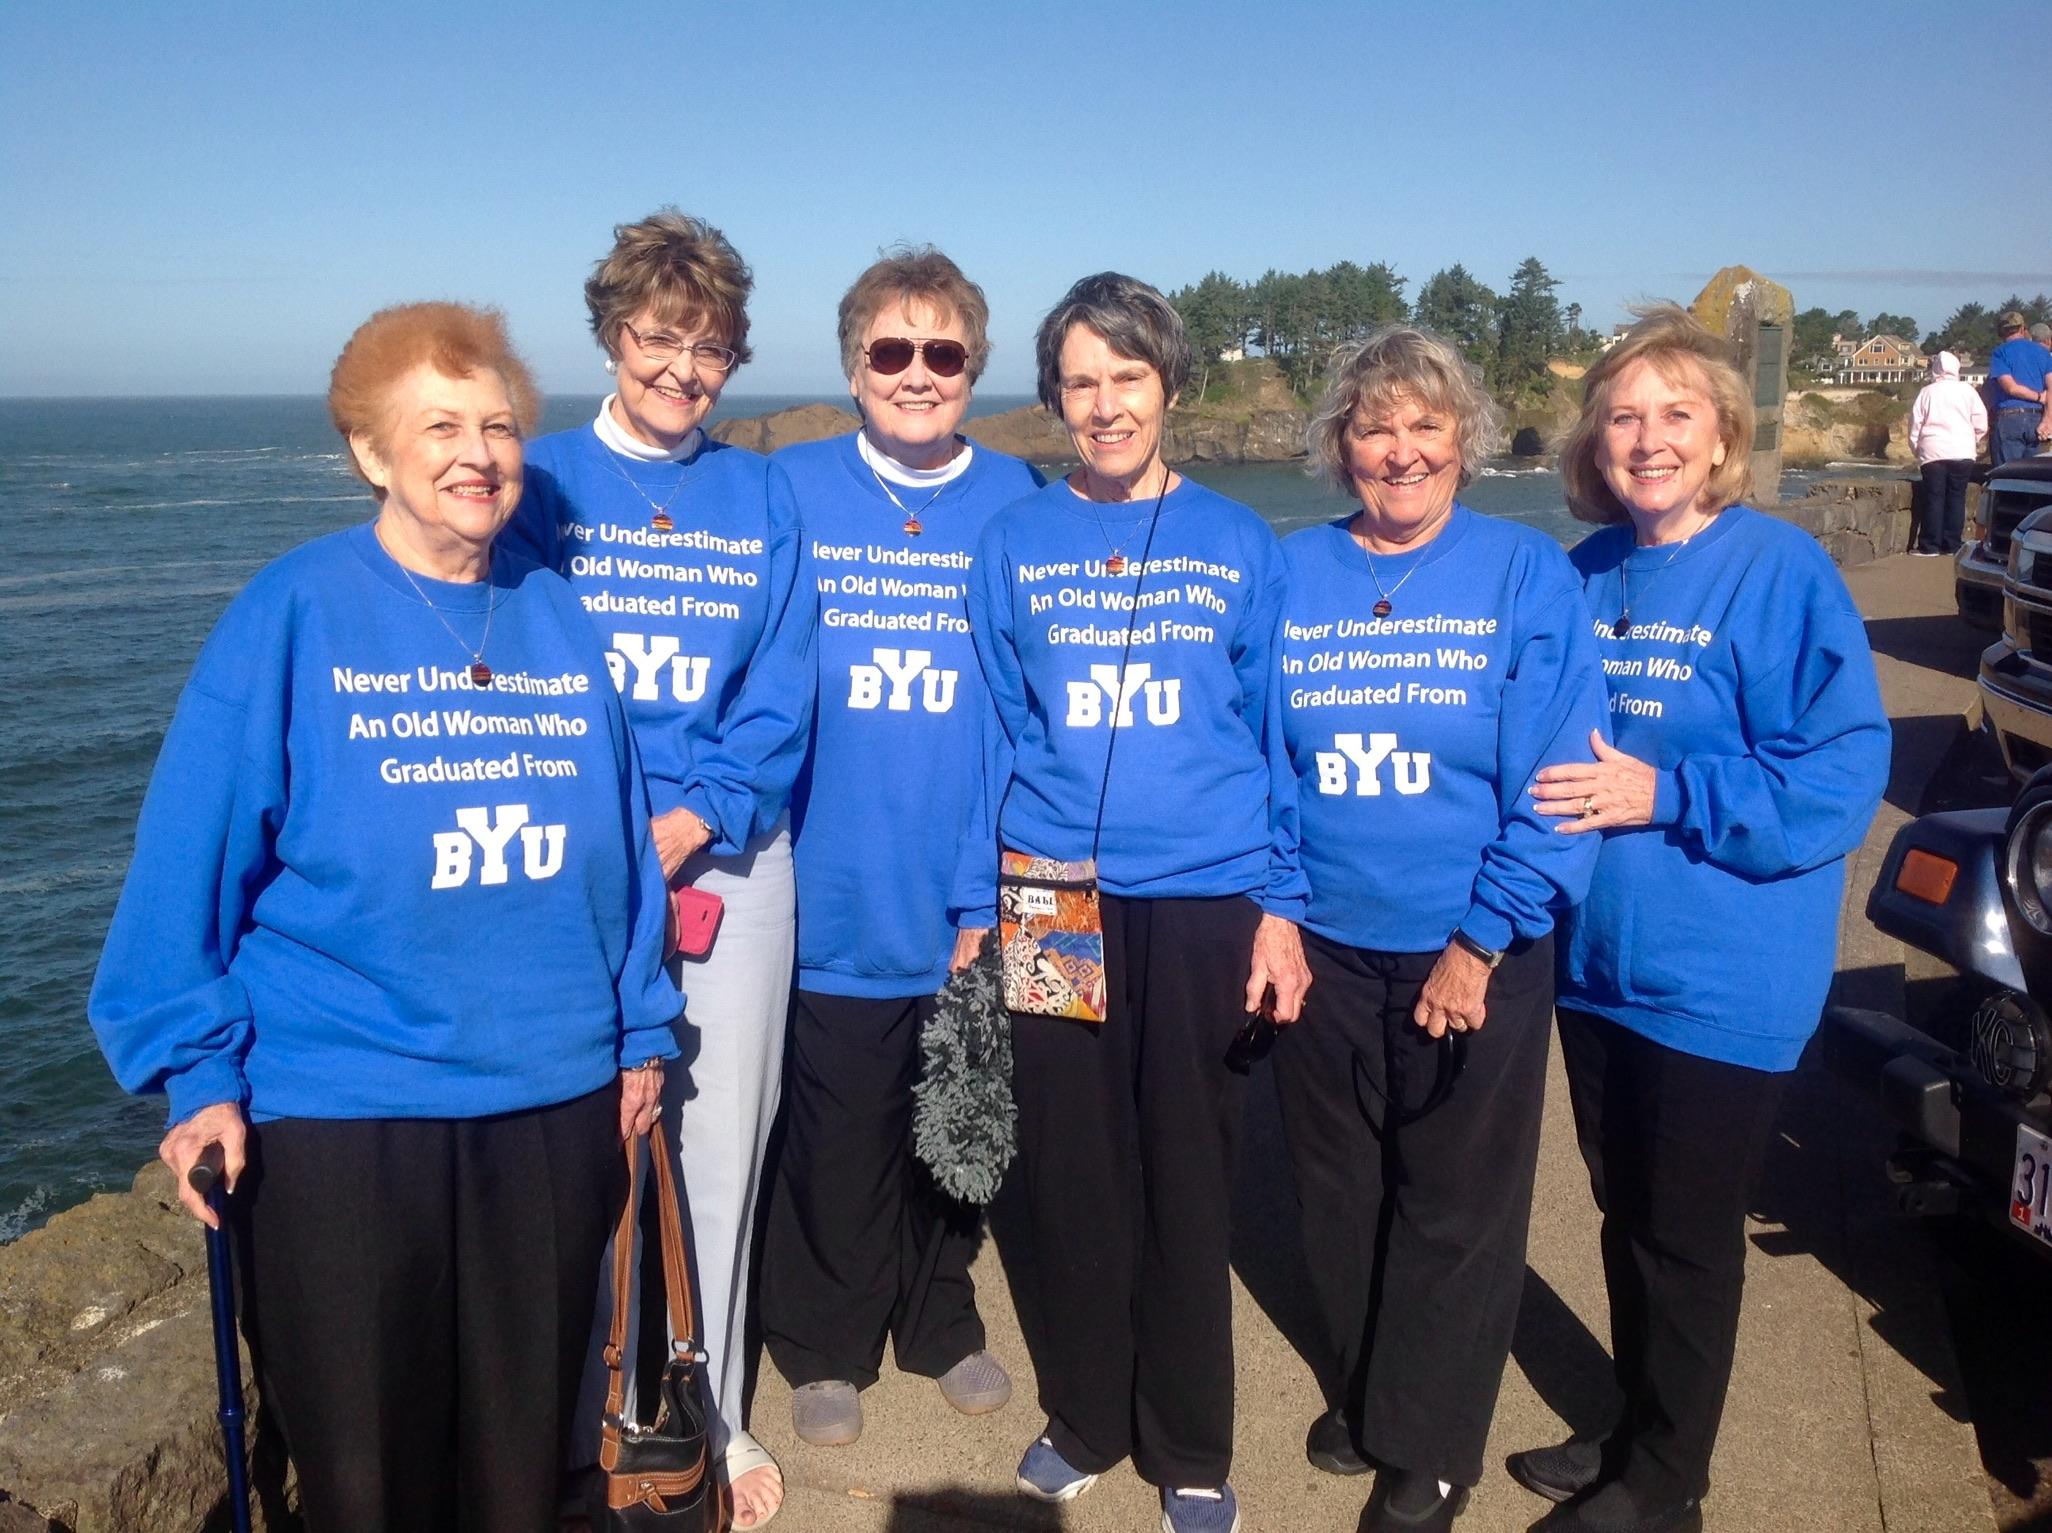 Kay Hansen, JoAnne Elmer, Betty Moody, Joan Davenport, Dorene Sheldon, and Sharon Senecal at Depoe Bay, Oregon on September 27, 2016.